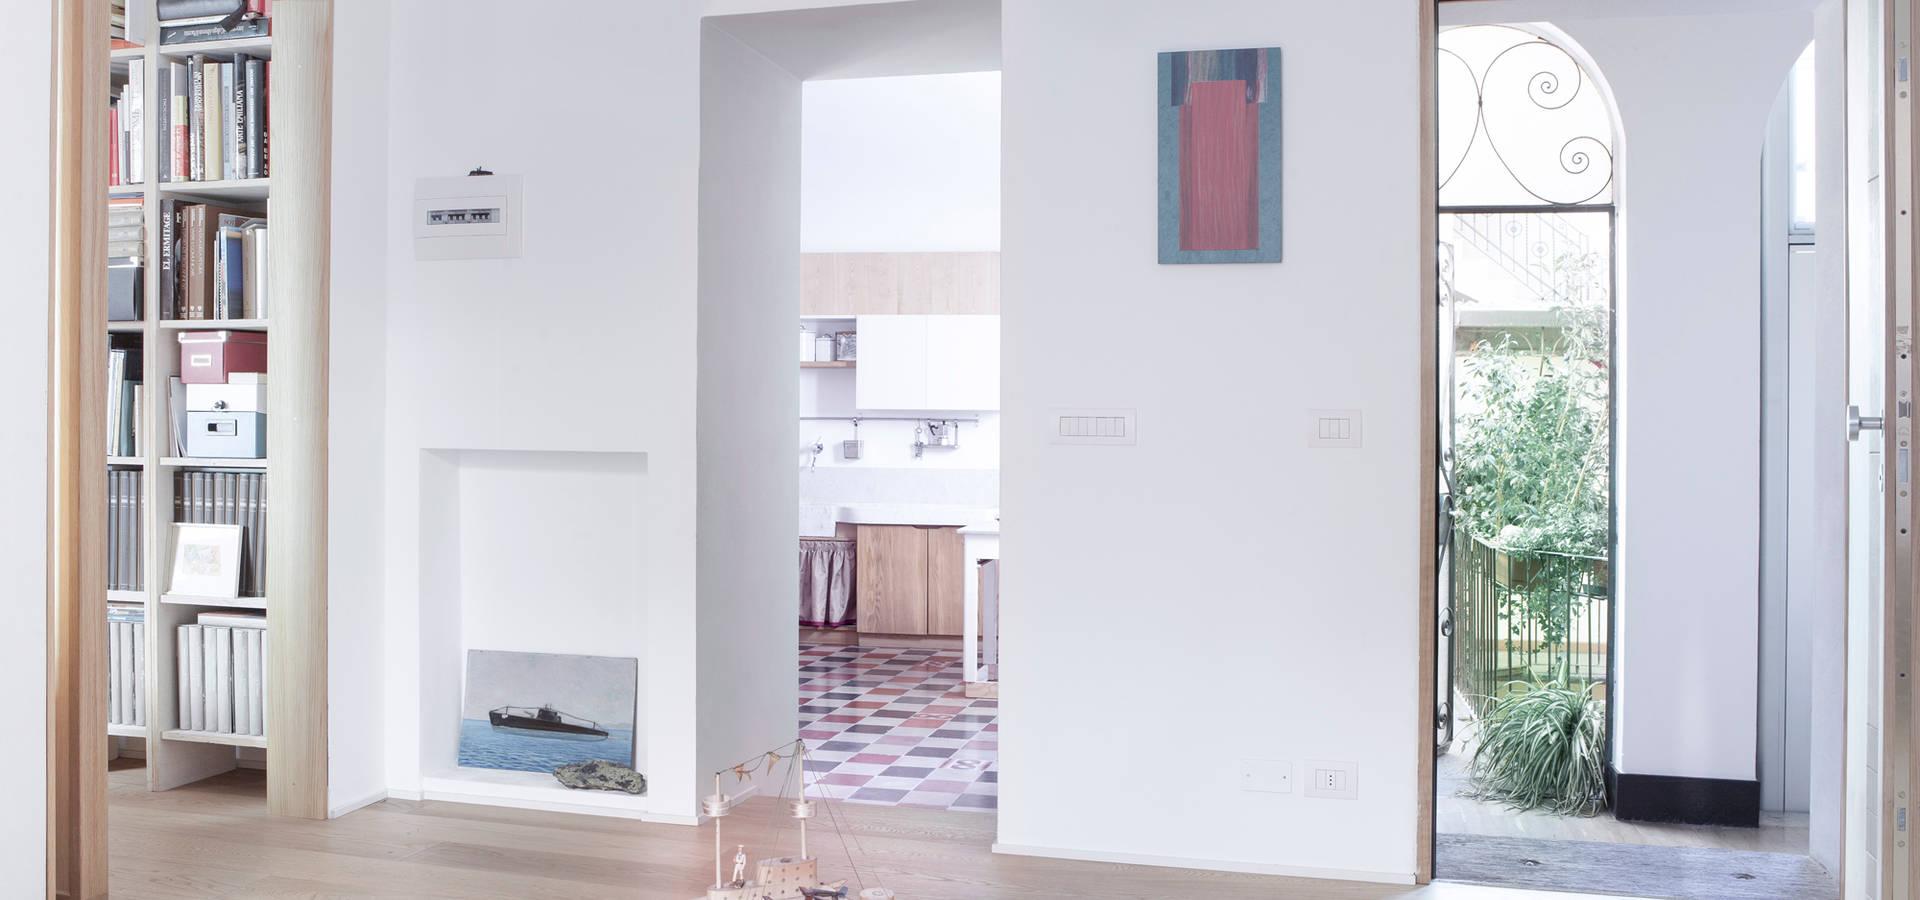 Casa emilia di giovanna cavalli architetto homify for Consulenza architetto gratuita